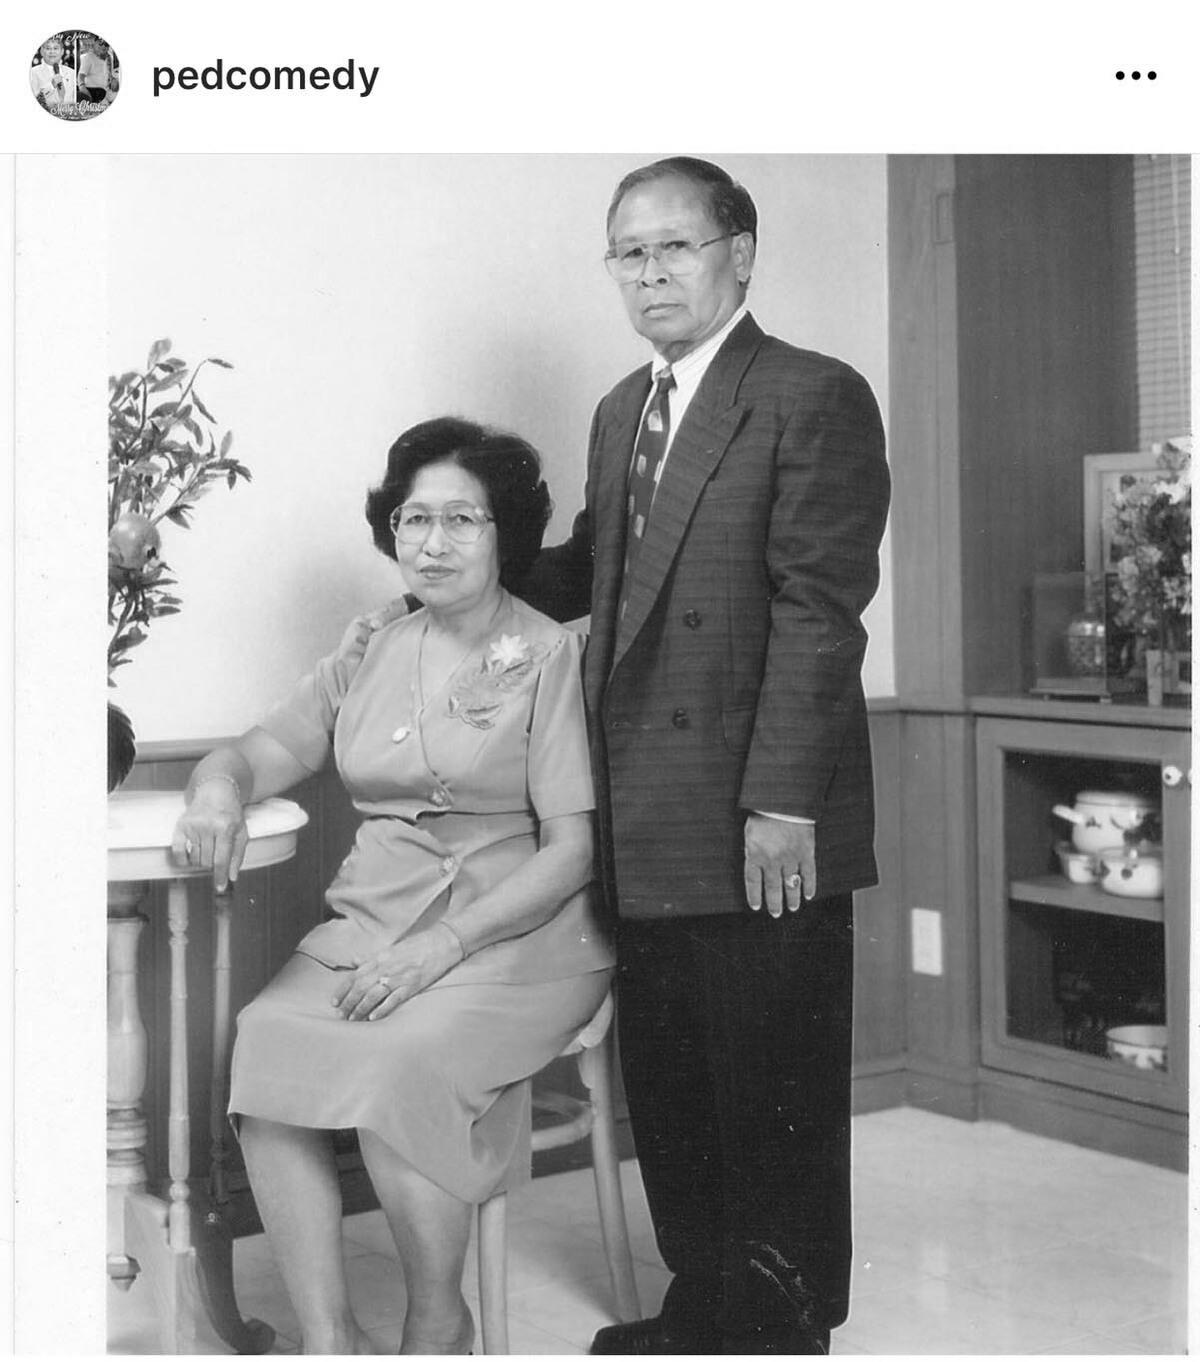 เป็ด เชิญยิ้ม สุดเศร้าอีกครั้ง คุณพ่อ วัย 93 ปี เสียชีวิตจากโควิด-19